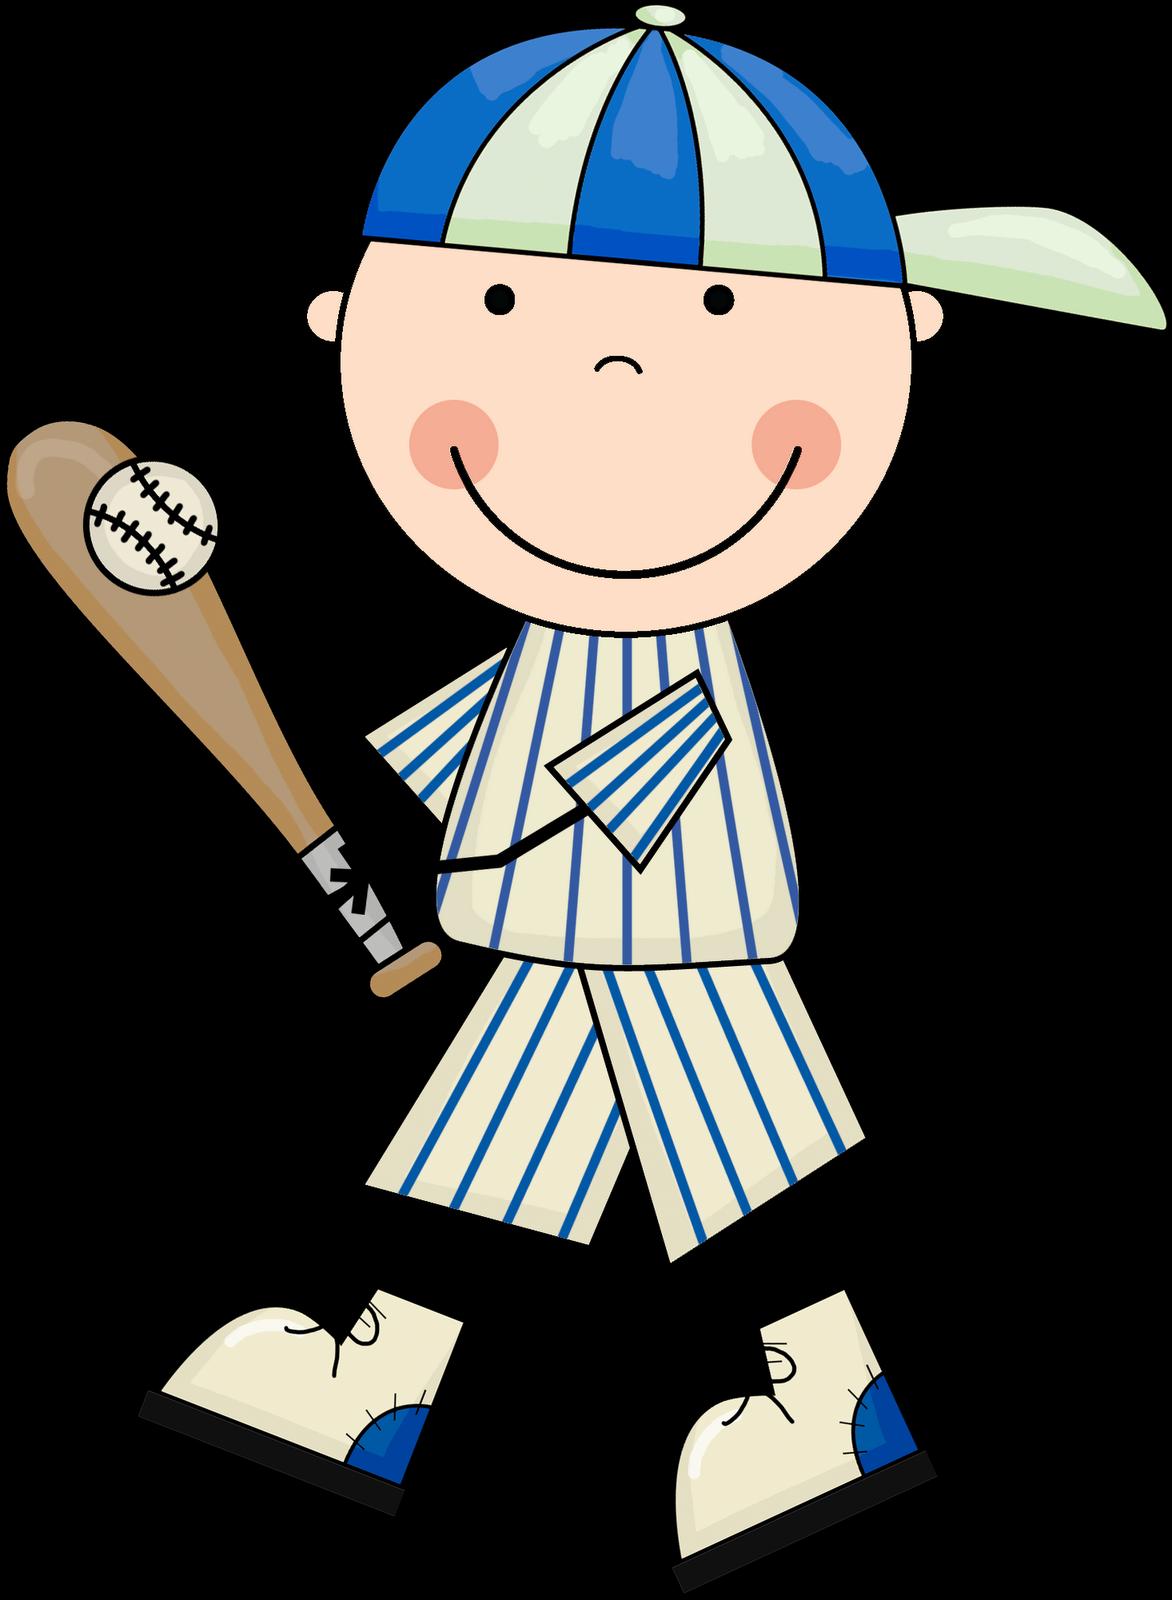 Baseball clip art for kids clipart.